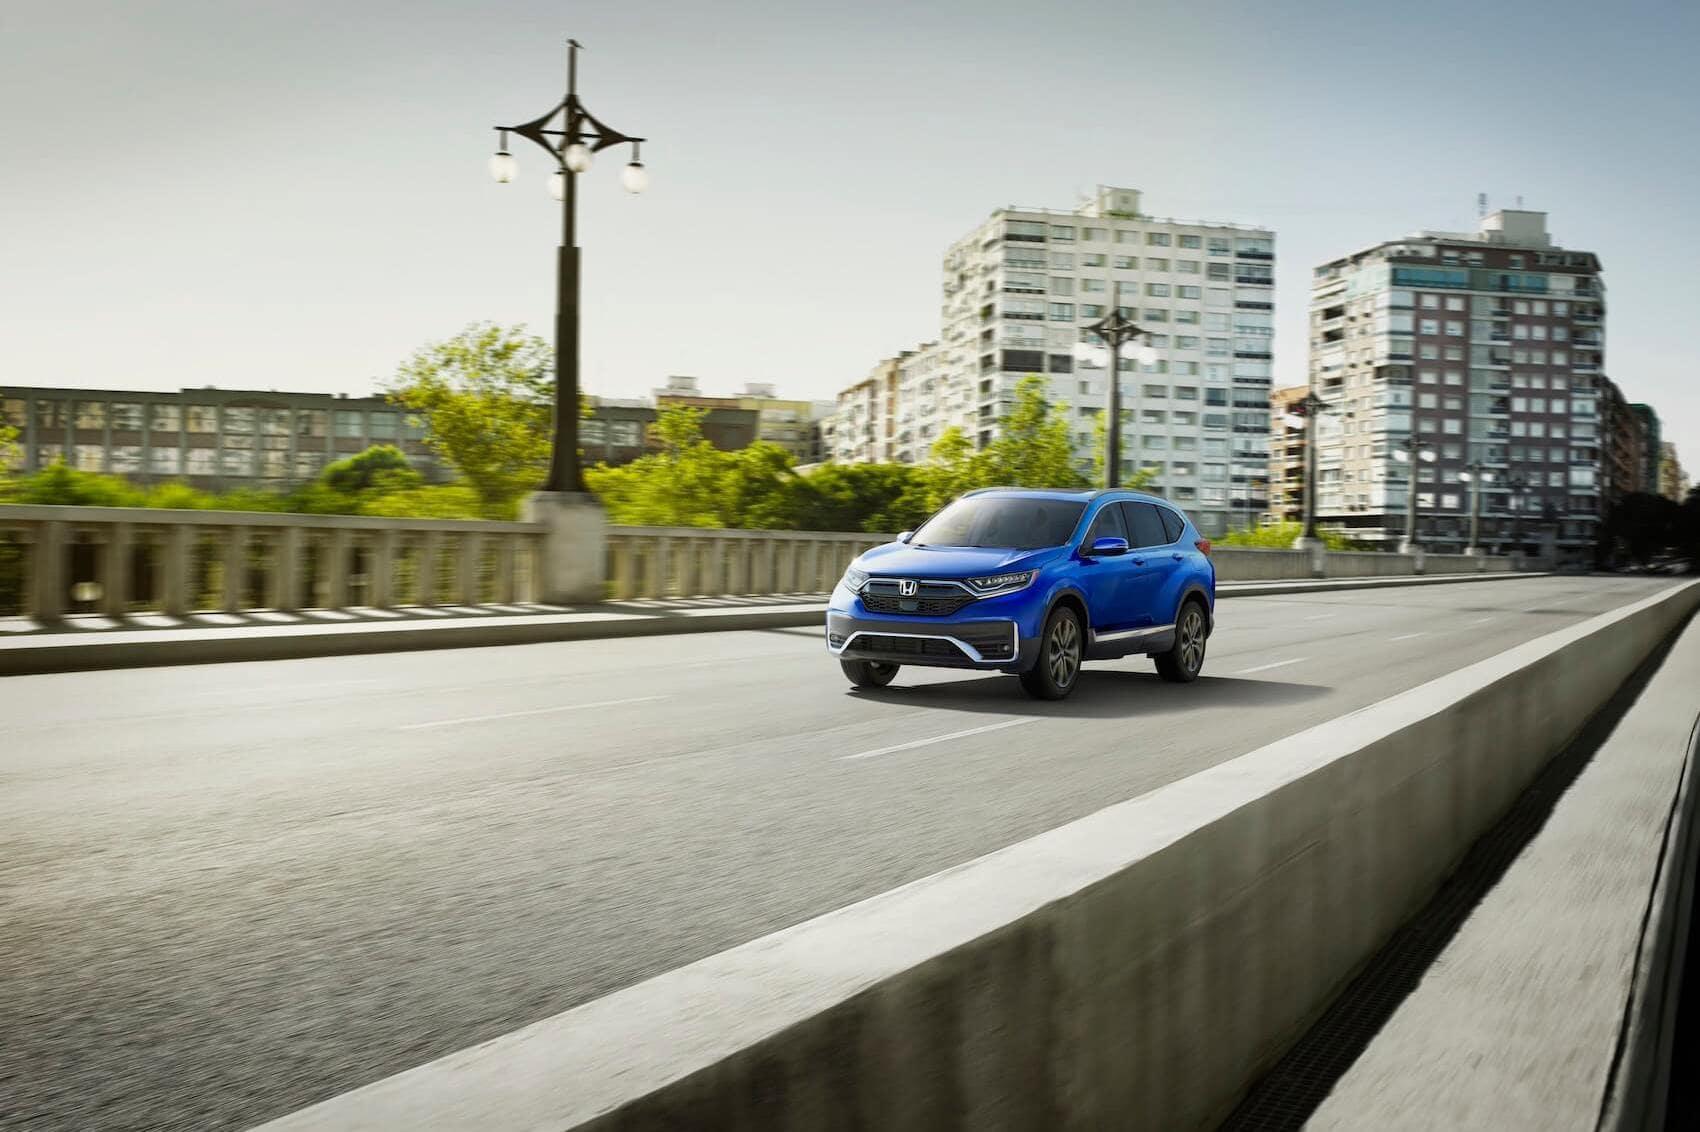 Honda CR-V Quick Facts